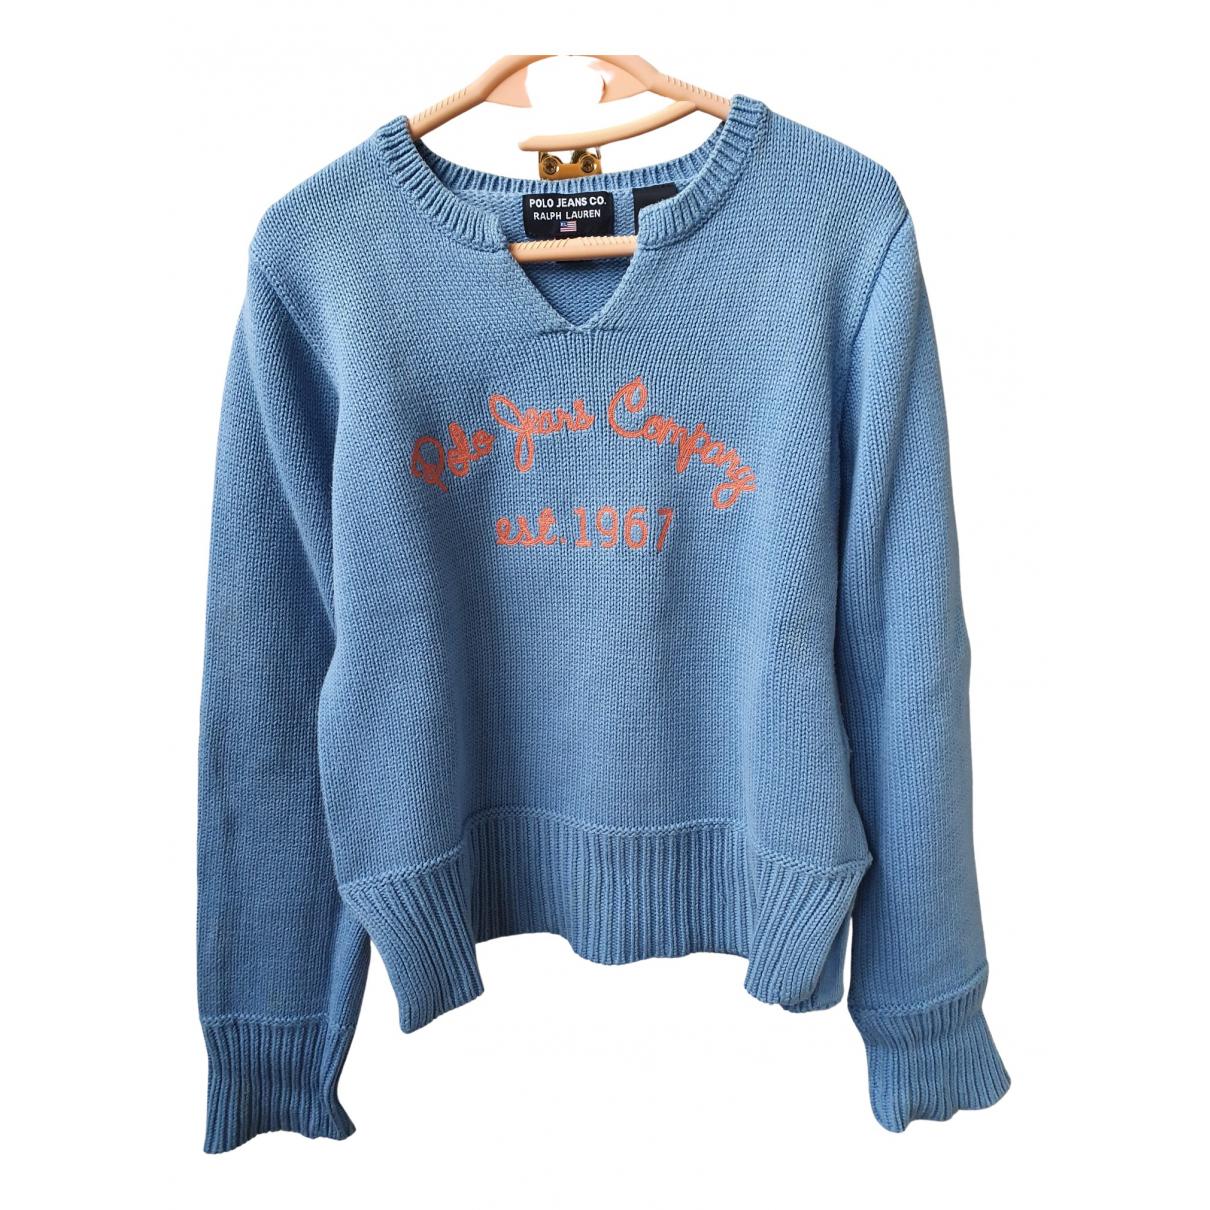 Polo Ralph Lauren N Blue Cotton Knitwear for Kids 18 years - L UK